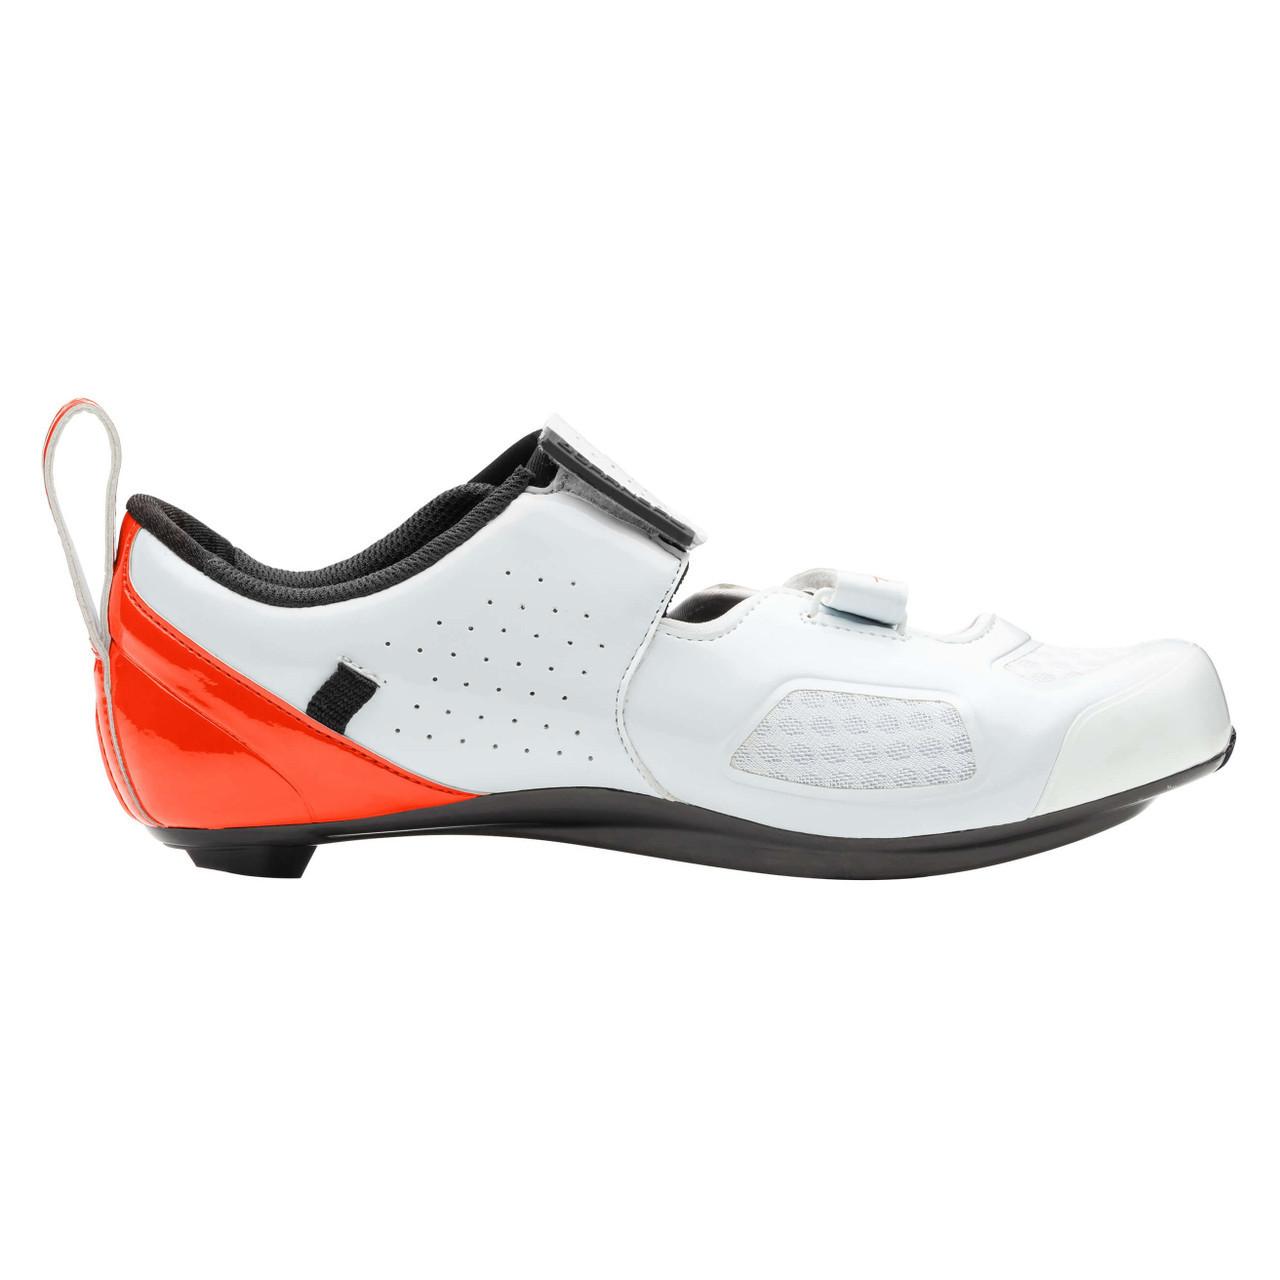 Louis Garneau Mens Tri X-Lite Triathlon 2 Bike Shoes